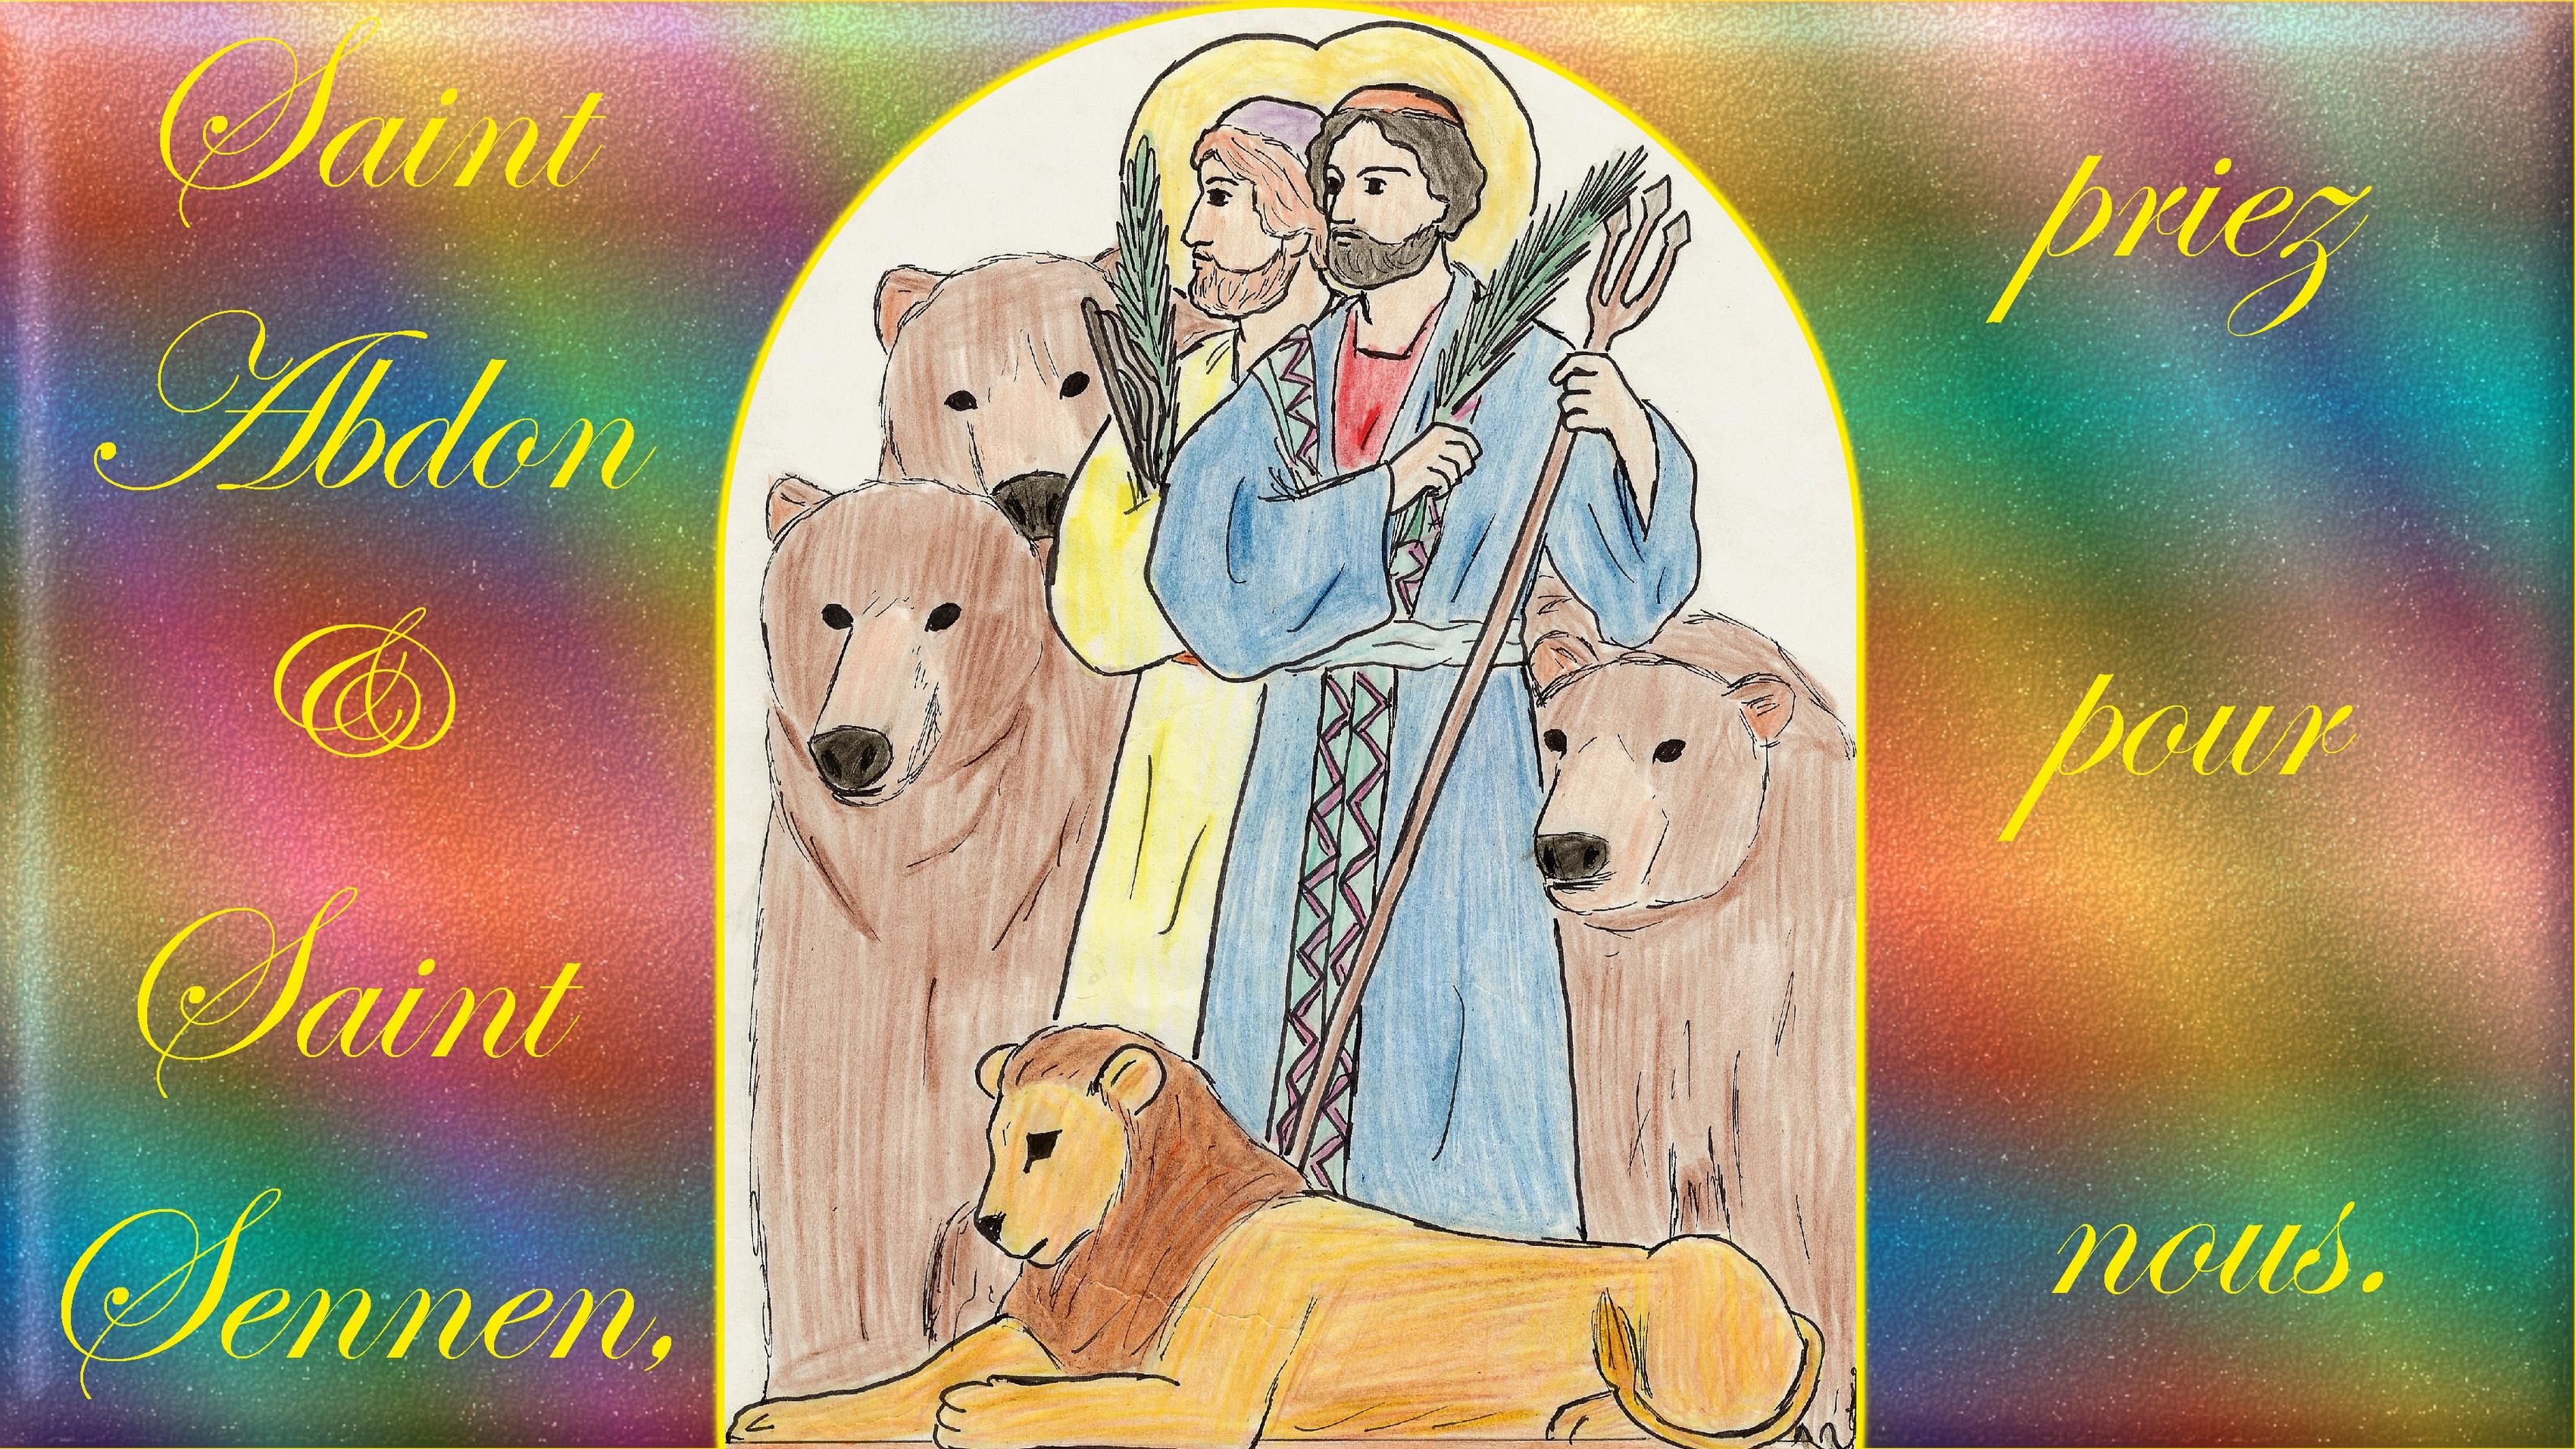 CALENDRIER CATHOLIQUE 2020 (Cantiques, Prières & Images) - Page 22 St-abdon-st-sennen-5798360